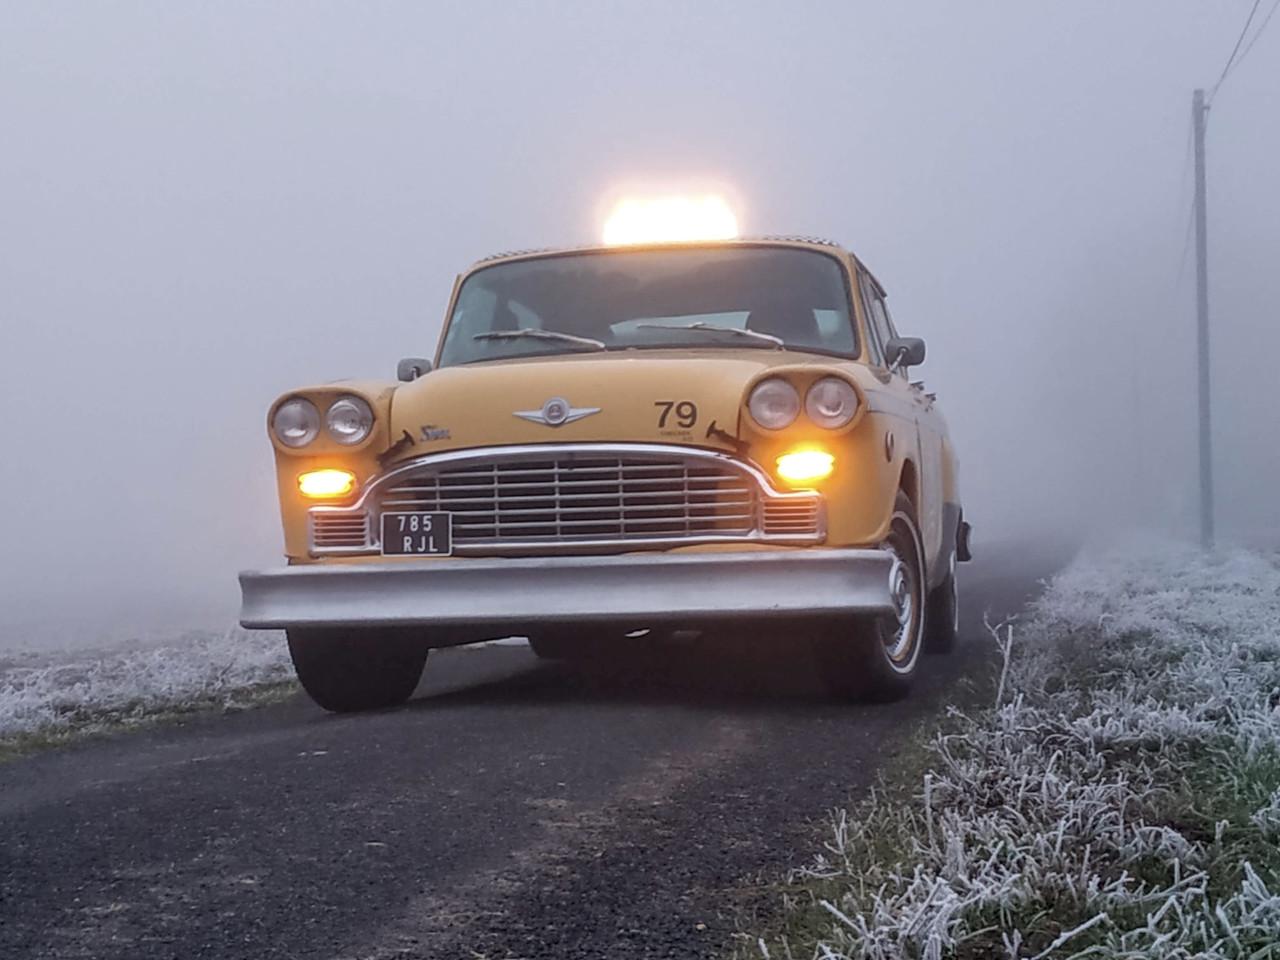 taxi new-yorkais yellow cab route hiver taxi signe sur le toit allumé anti brouillard allumés